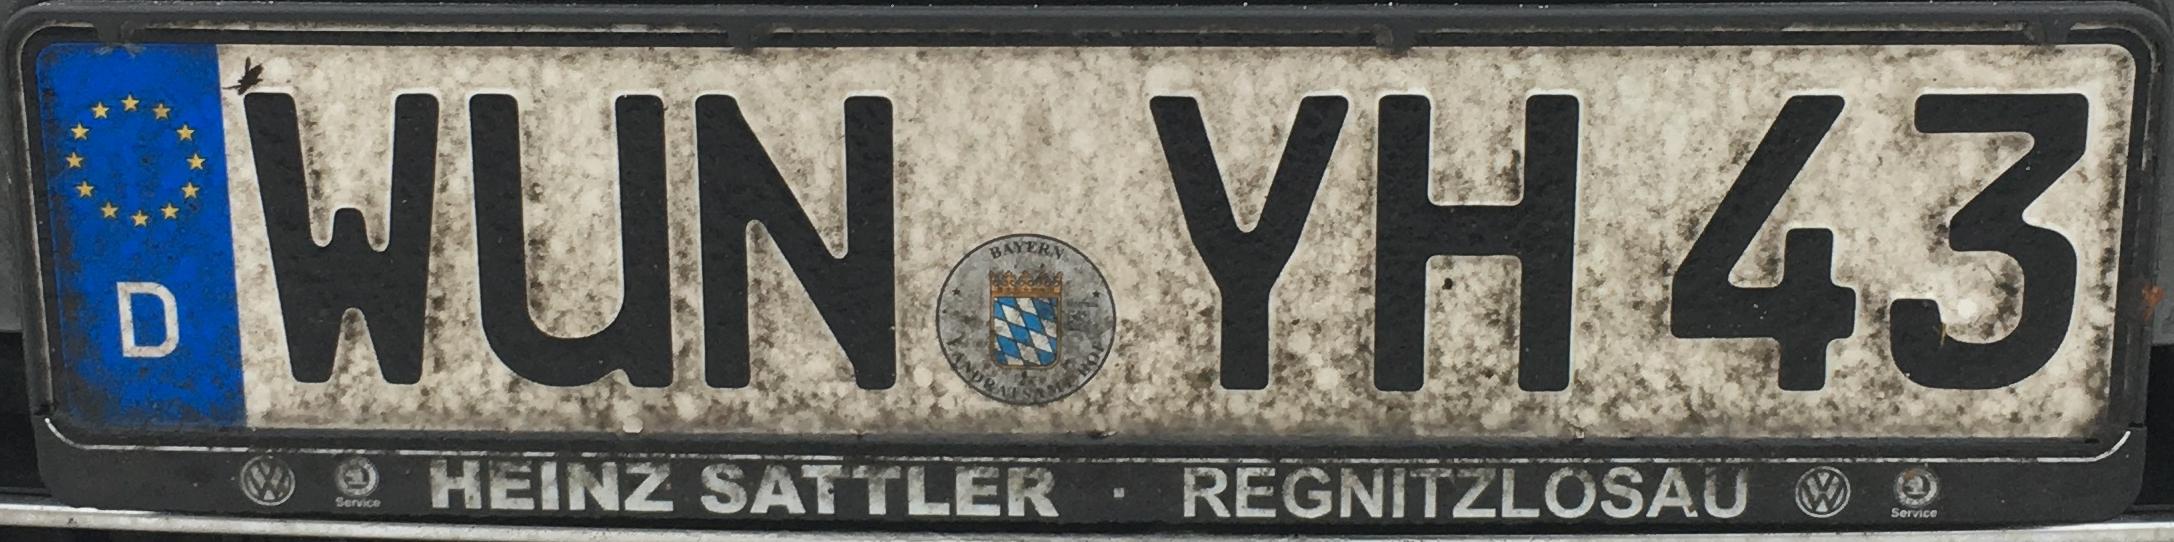 Registrační značky Německo - WUN - Wunsiedel im Fichtelgebirge, foto: www.podalnici.cz